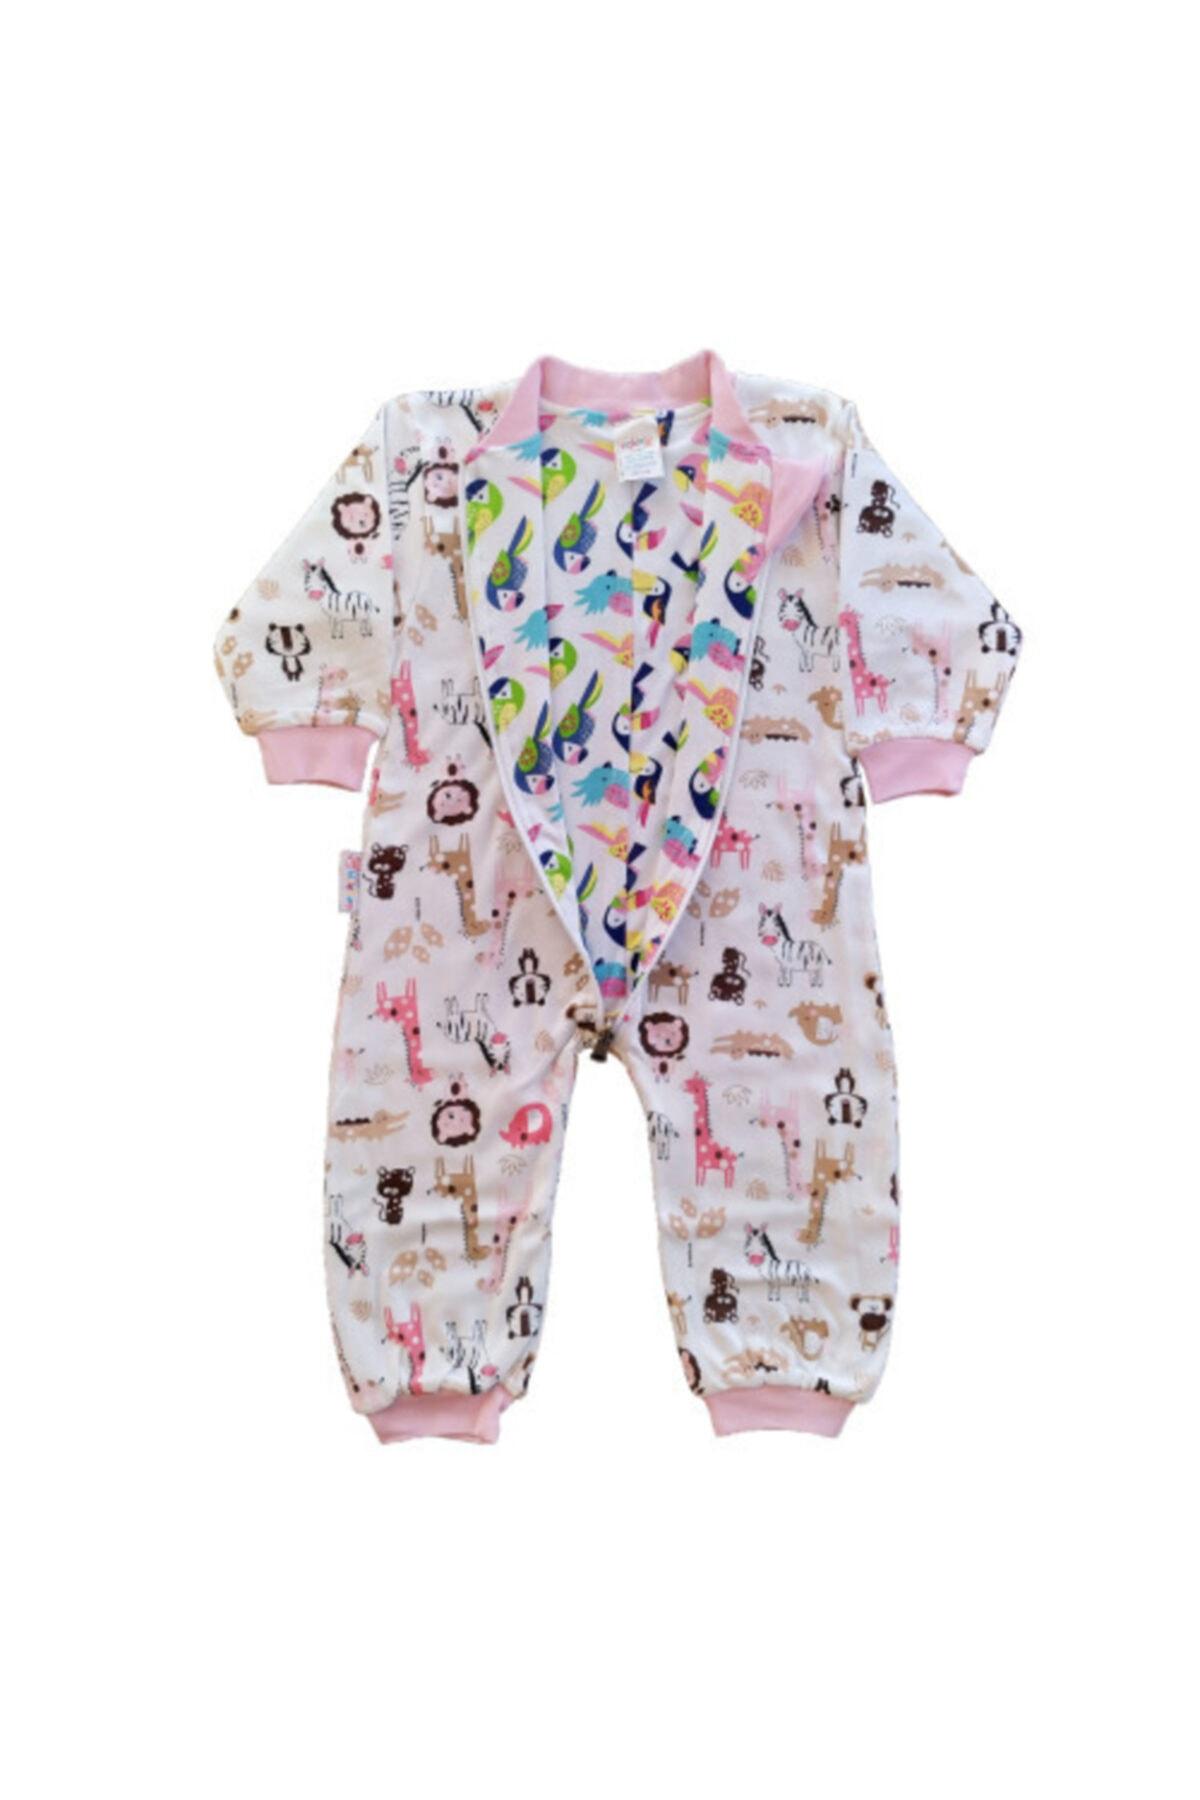 Seçkin Baby Şkr Çift Yön Desenli Ve Kullanımlı %100 Pamuklu Kız Ve Erkek Bebek Çocuk Uyku Tulumu 2